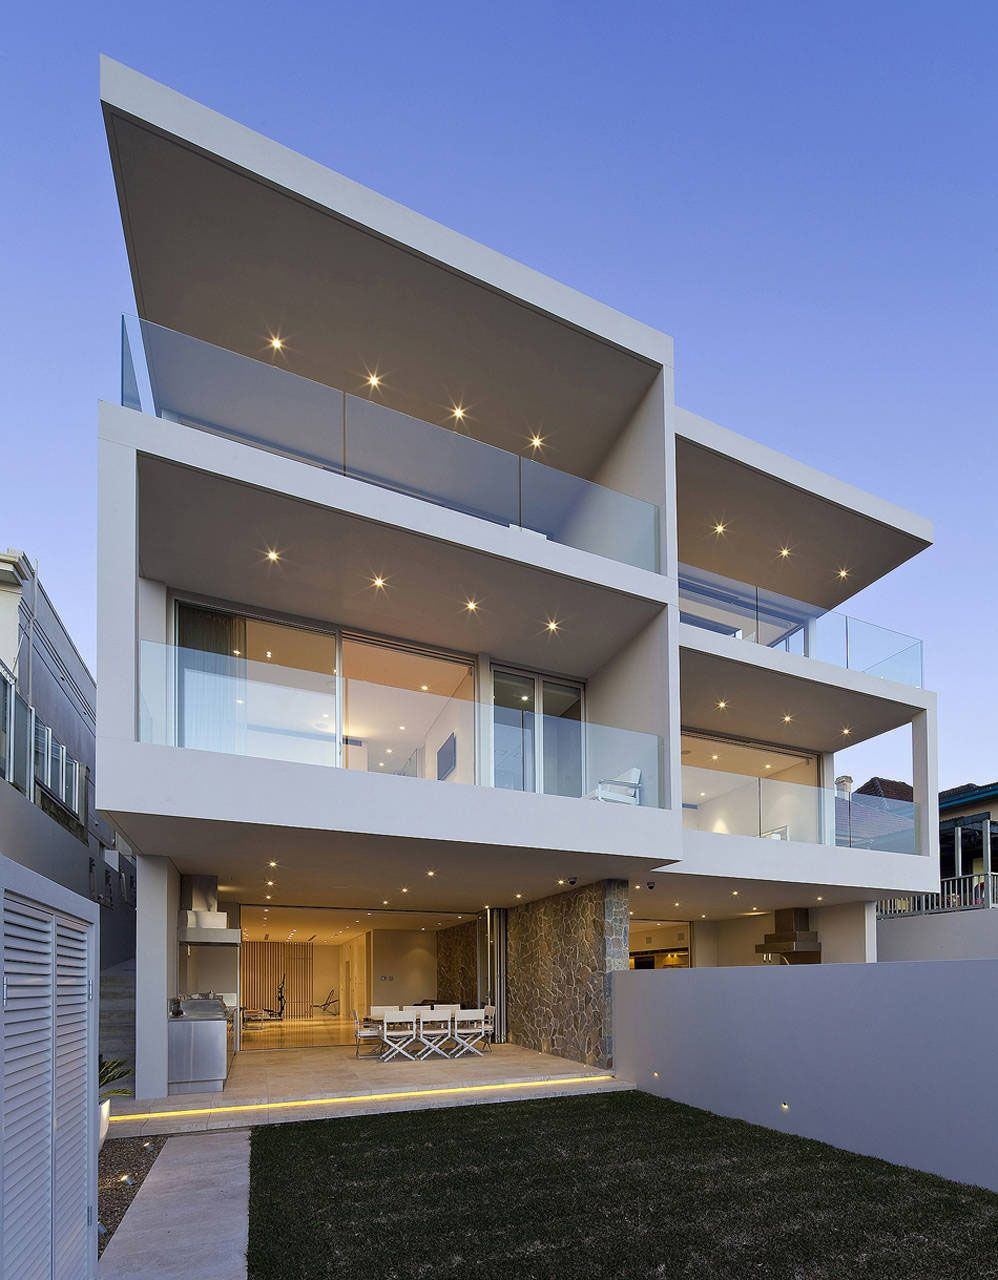 1000+ ideas about Duplex House on Pinterest Duplex House Plans ... - ^